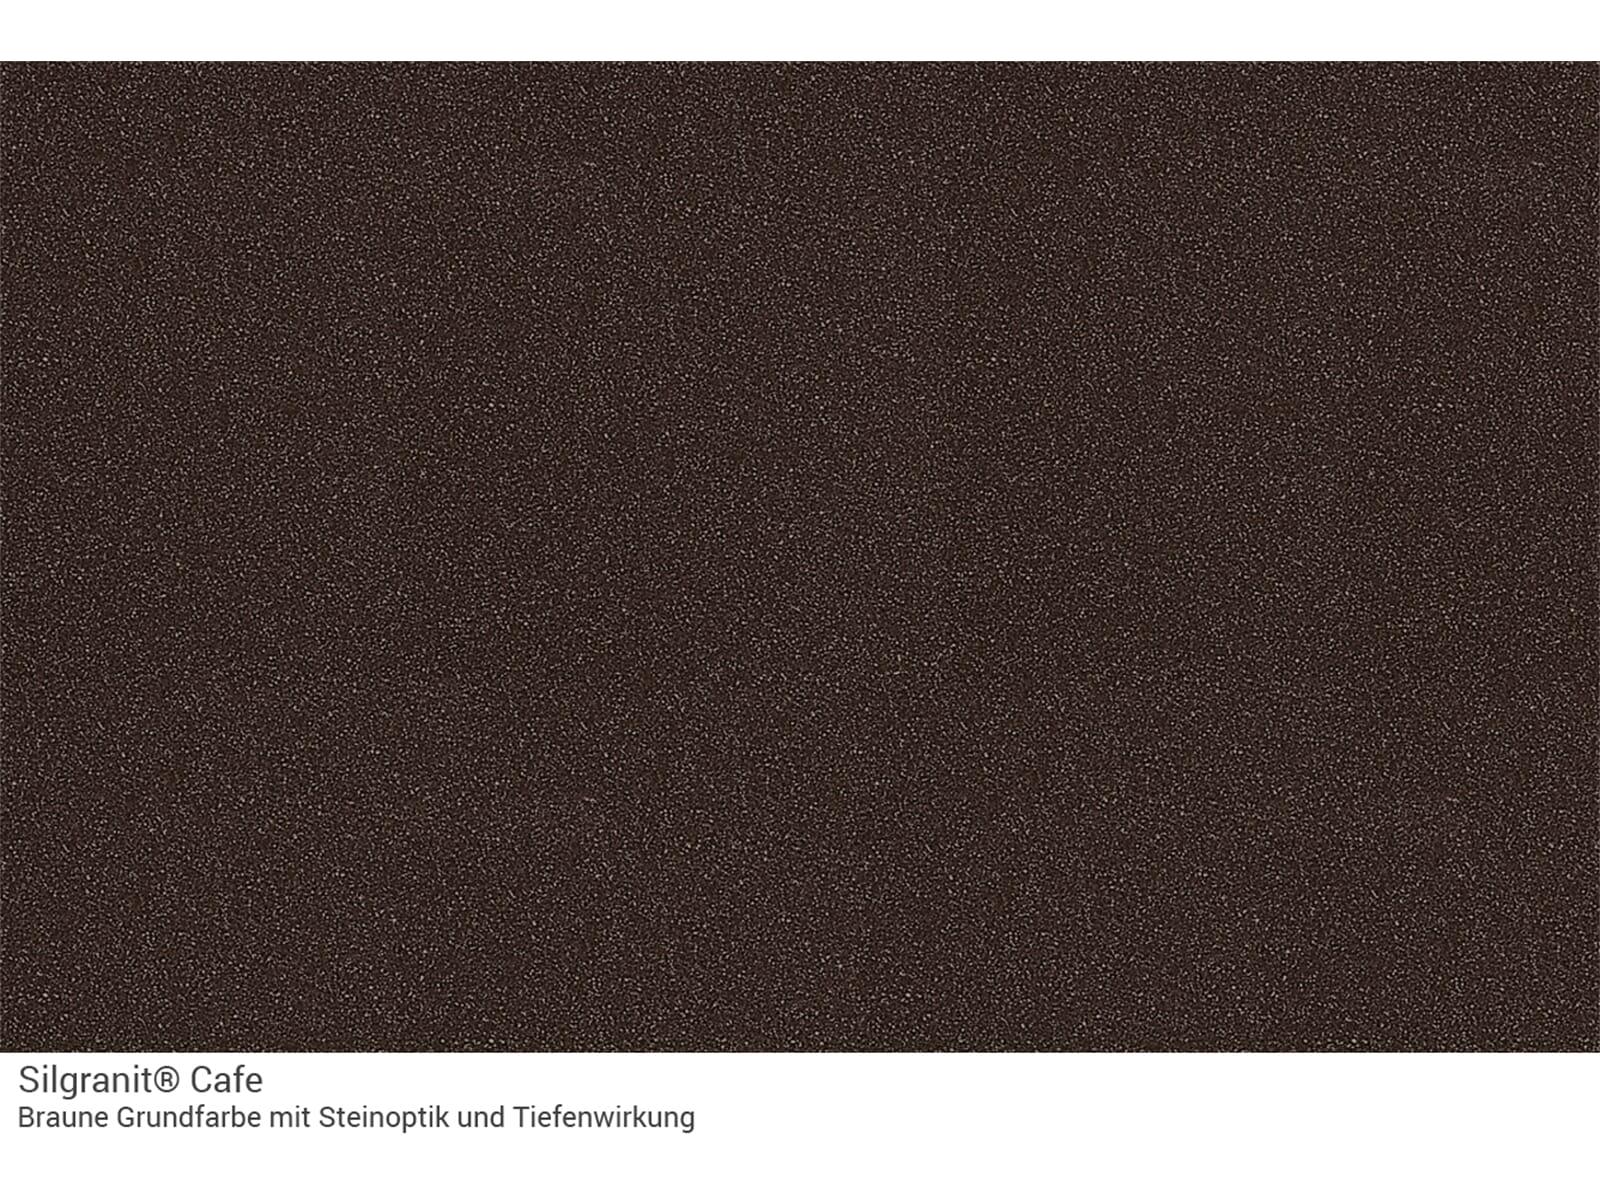 Blanco Daras Cafe Hochdruckarmatur